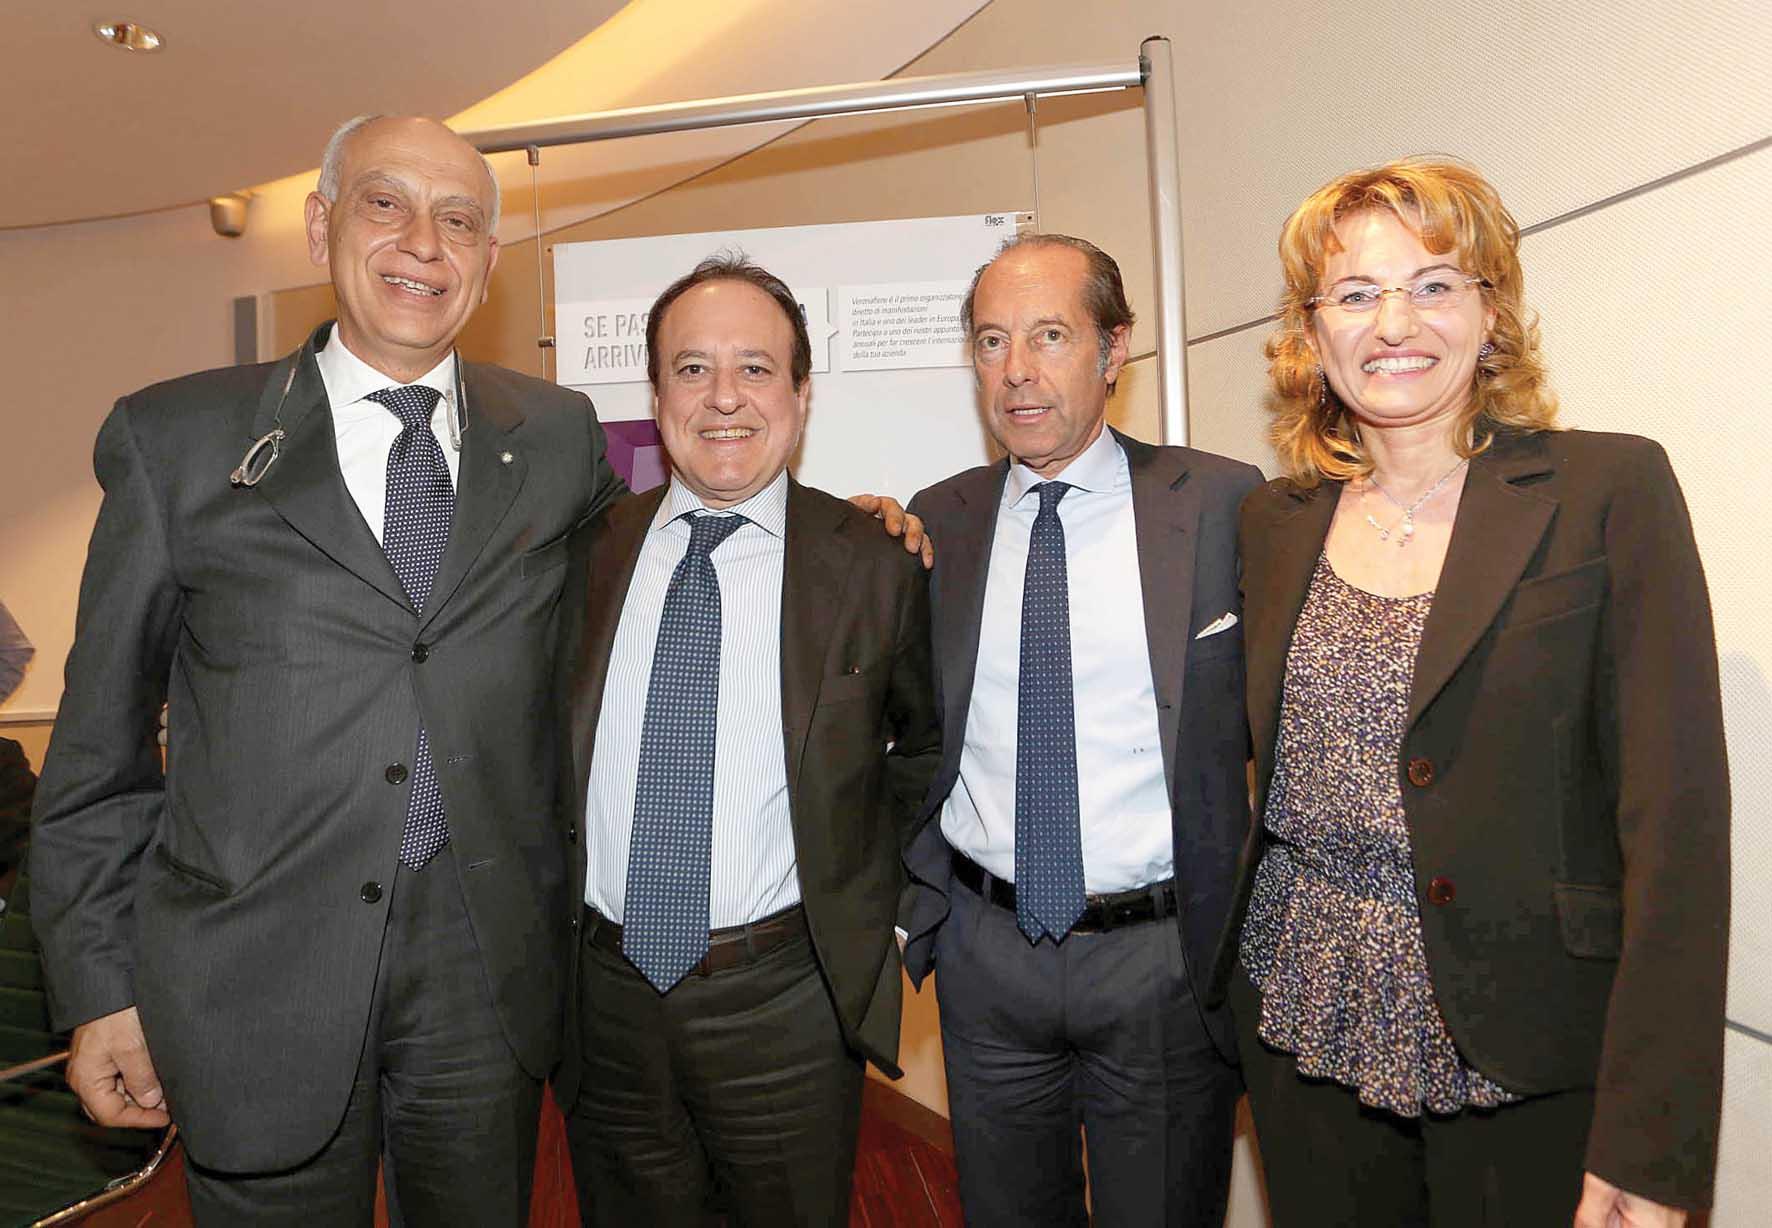 Verona fiere accordo fiere lapidee brasile da sx Simest dAiuto Mantovani Riello Acri sace 1